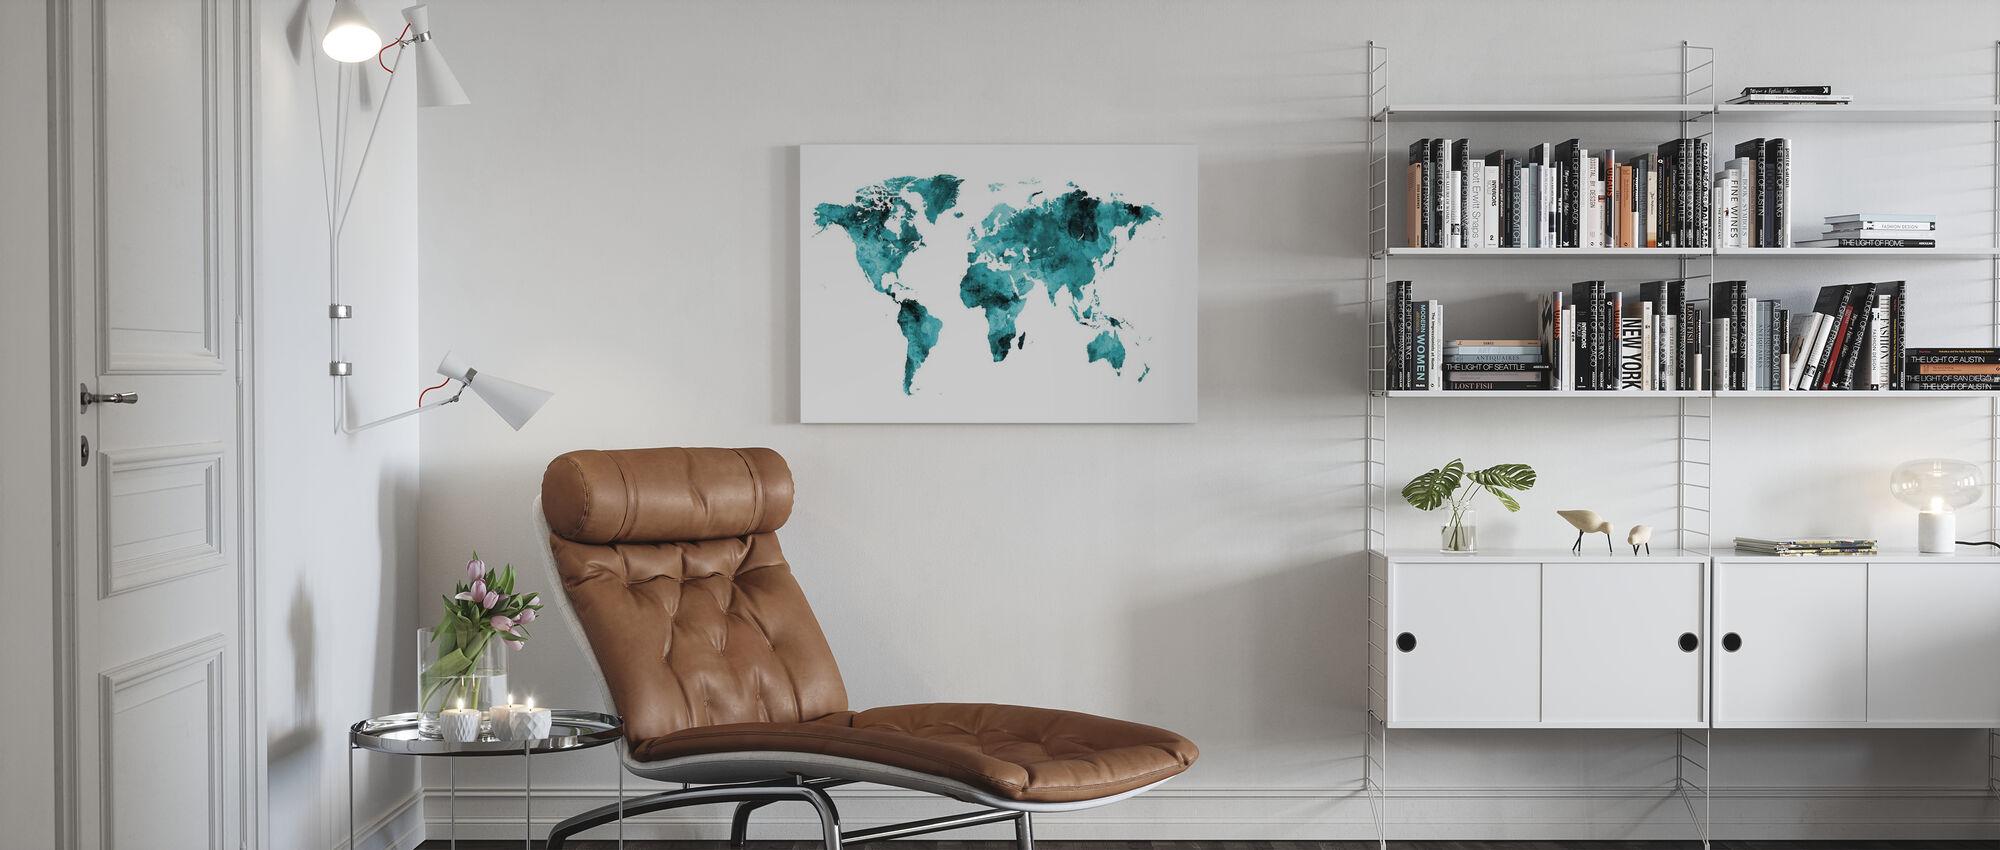 Akvarell världskarta Turkos - Canvastavla - Vardagsrum